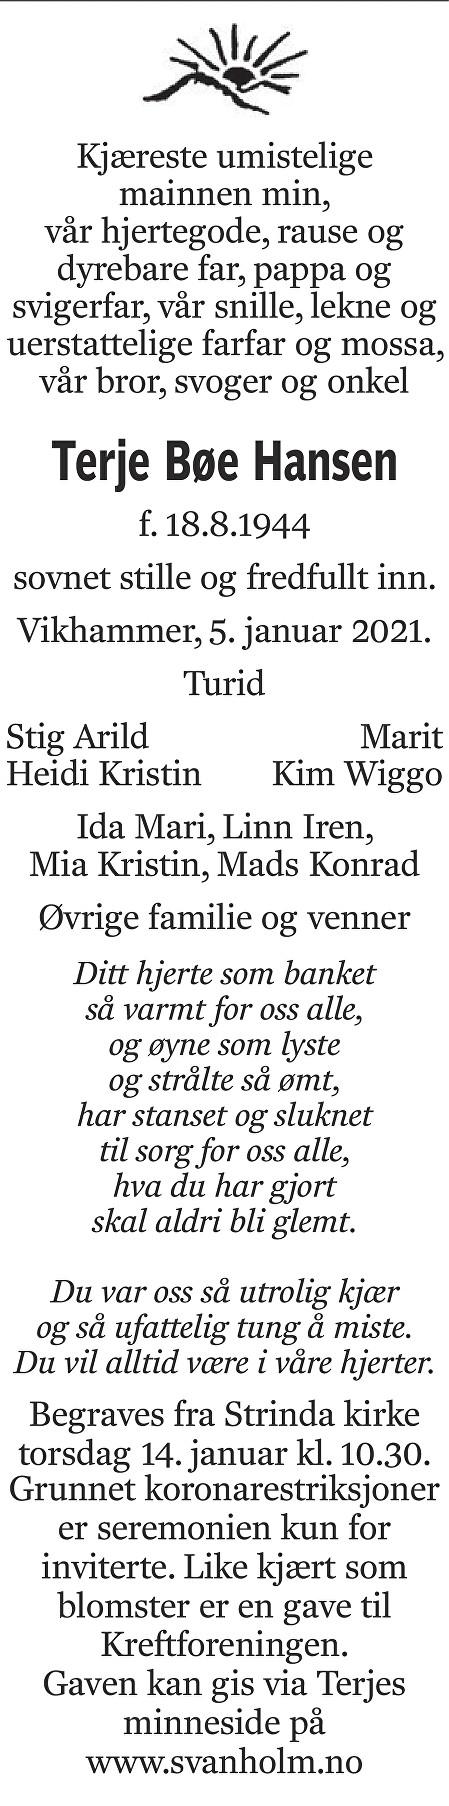 Terje Bøe Hansen Dødsannonse